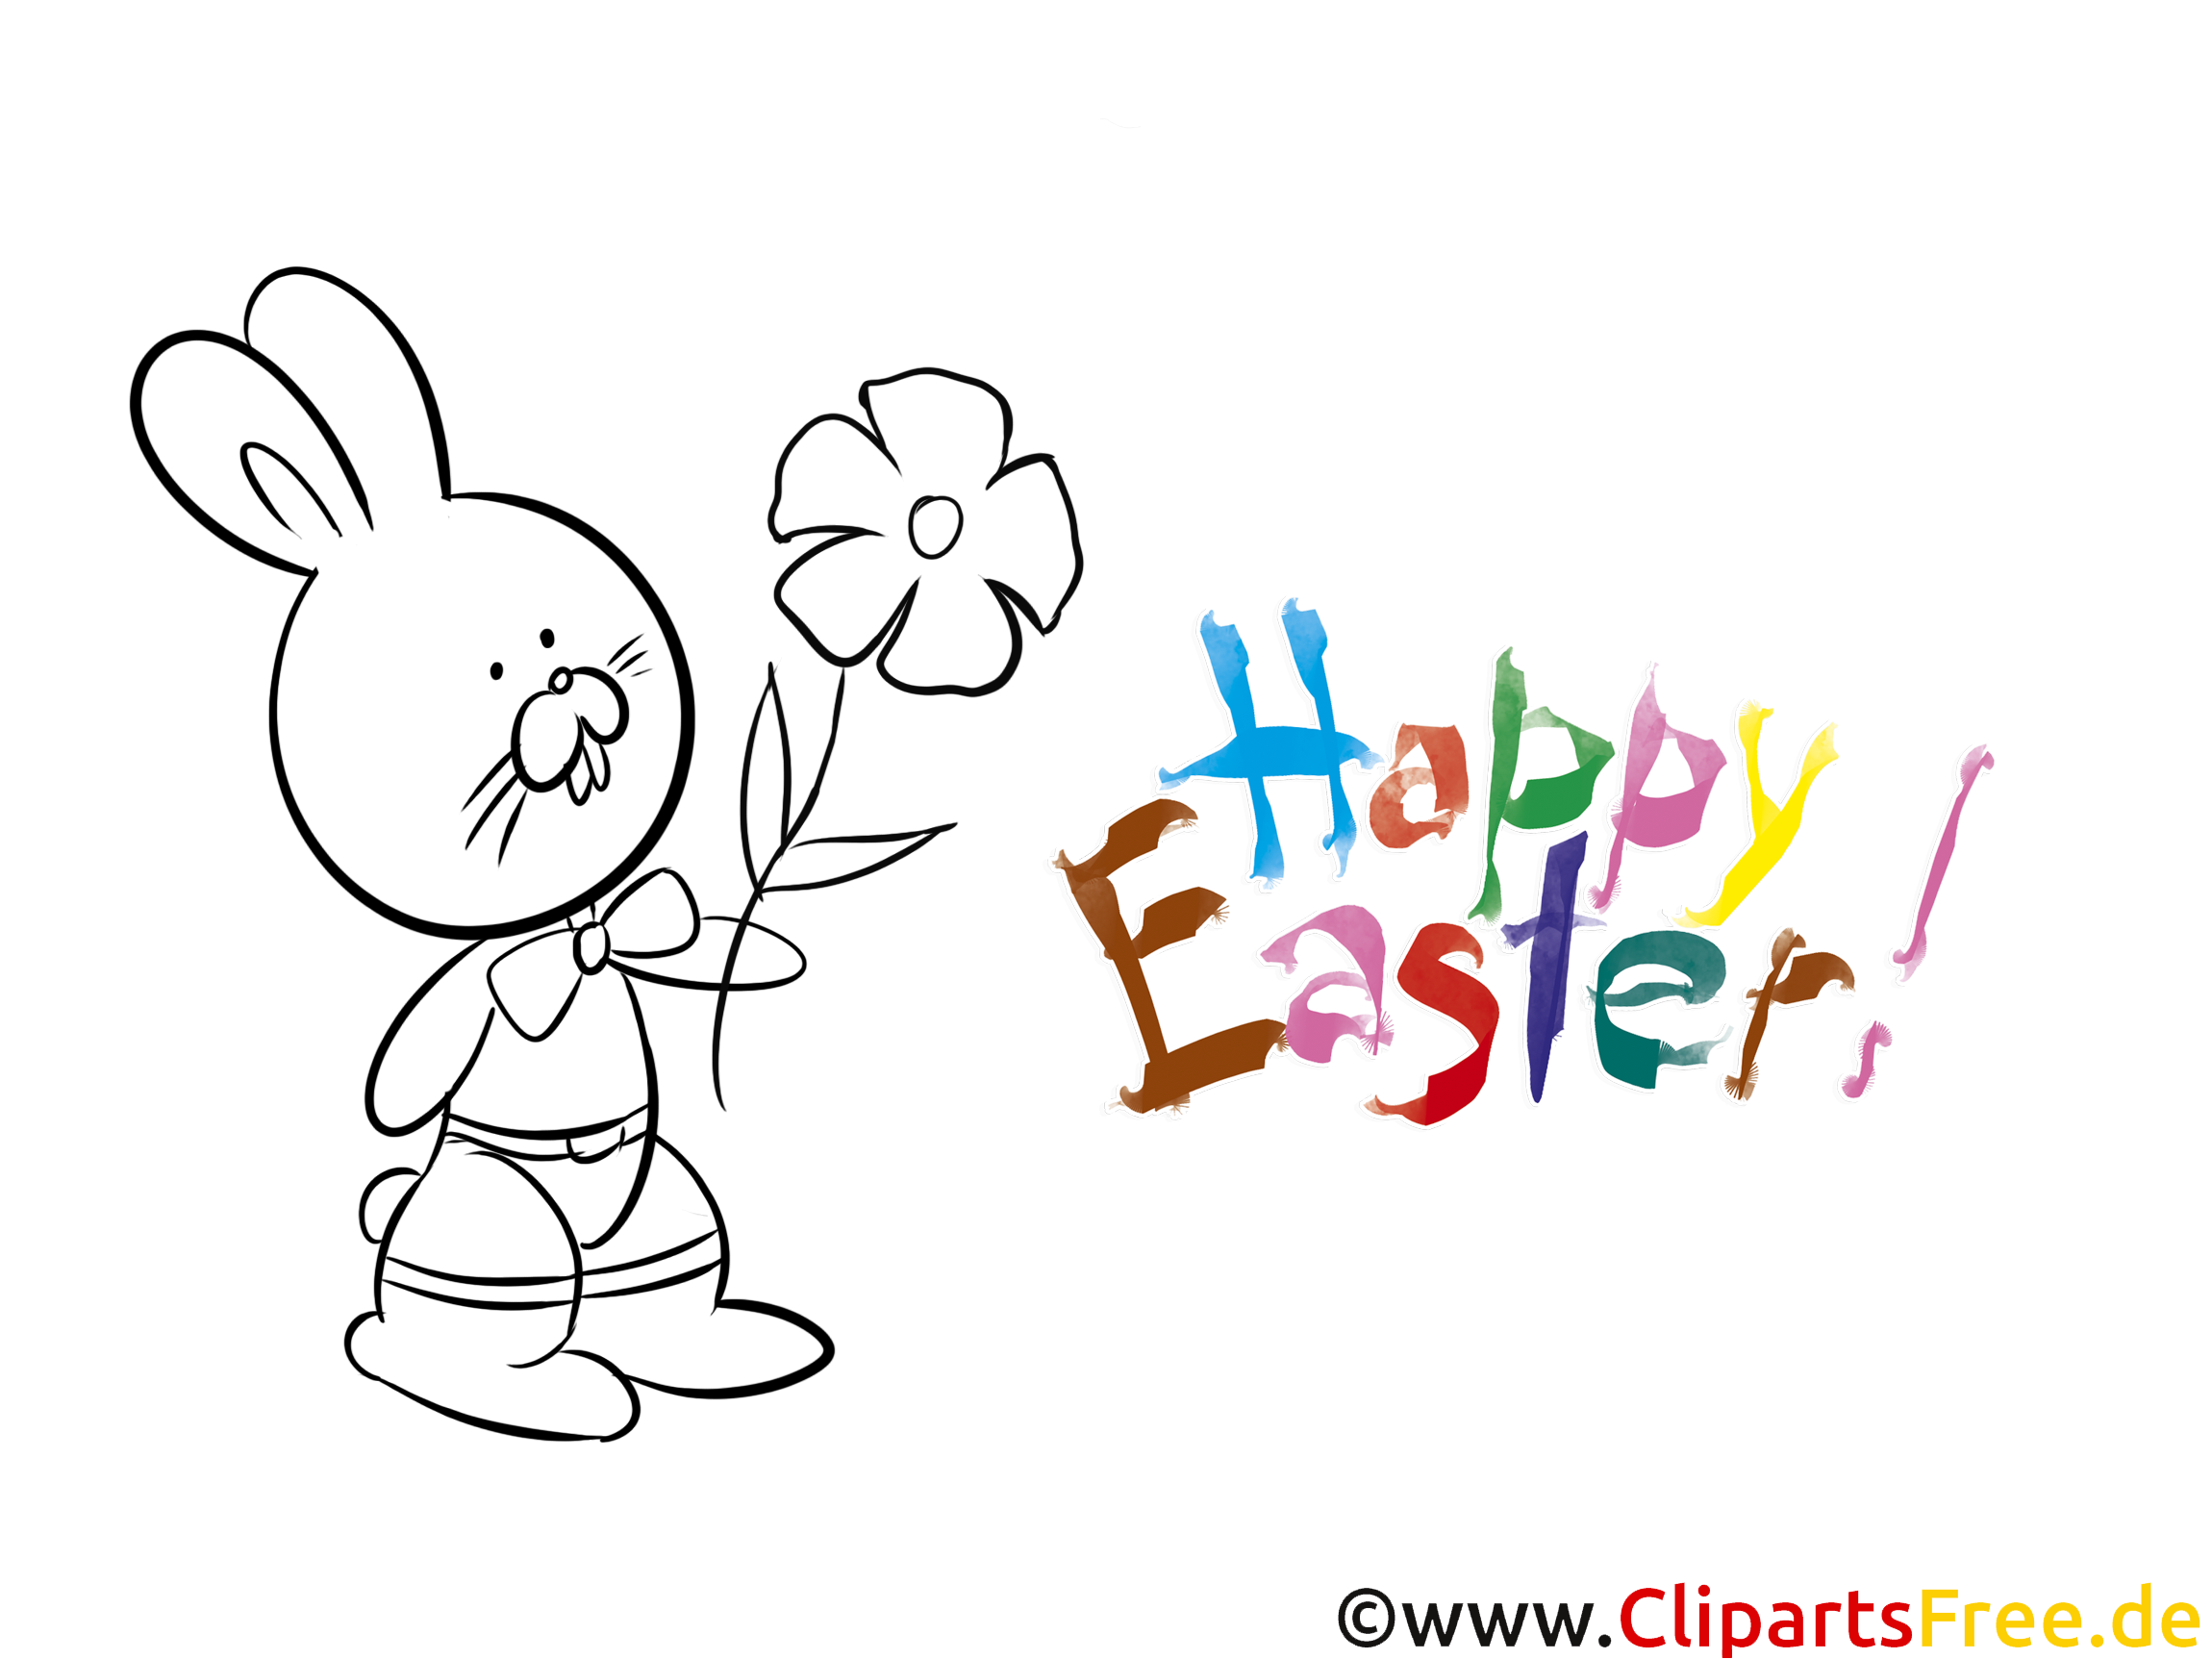 Blume Kaninchen Kostenlose Ausmalbilder zum Thema Ostern